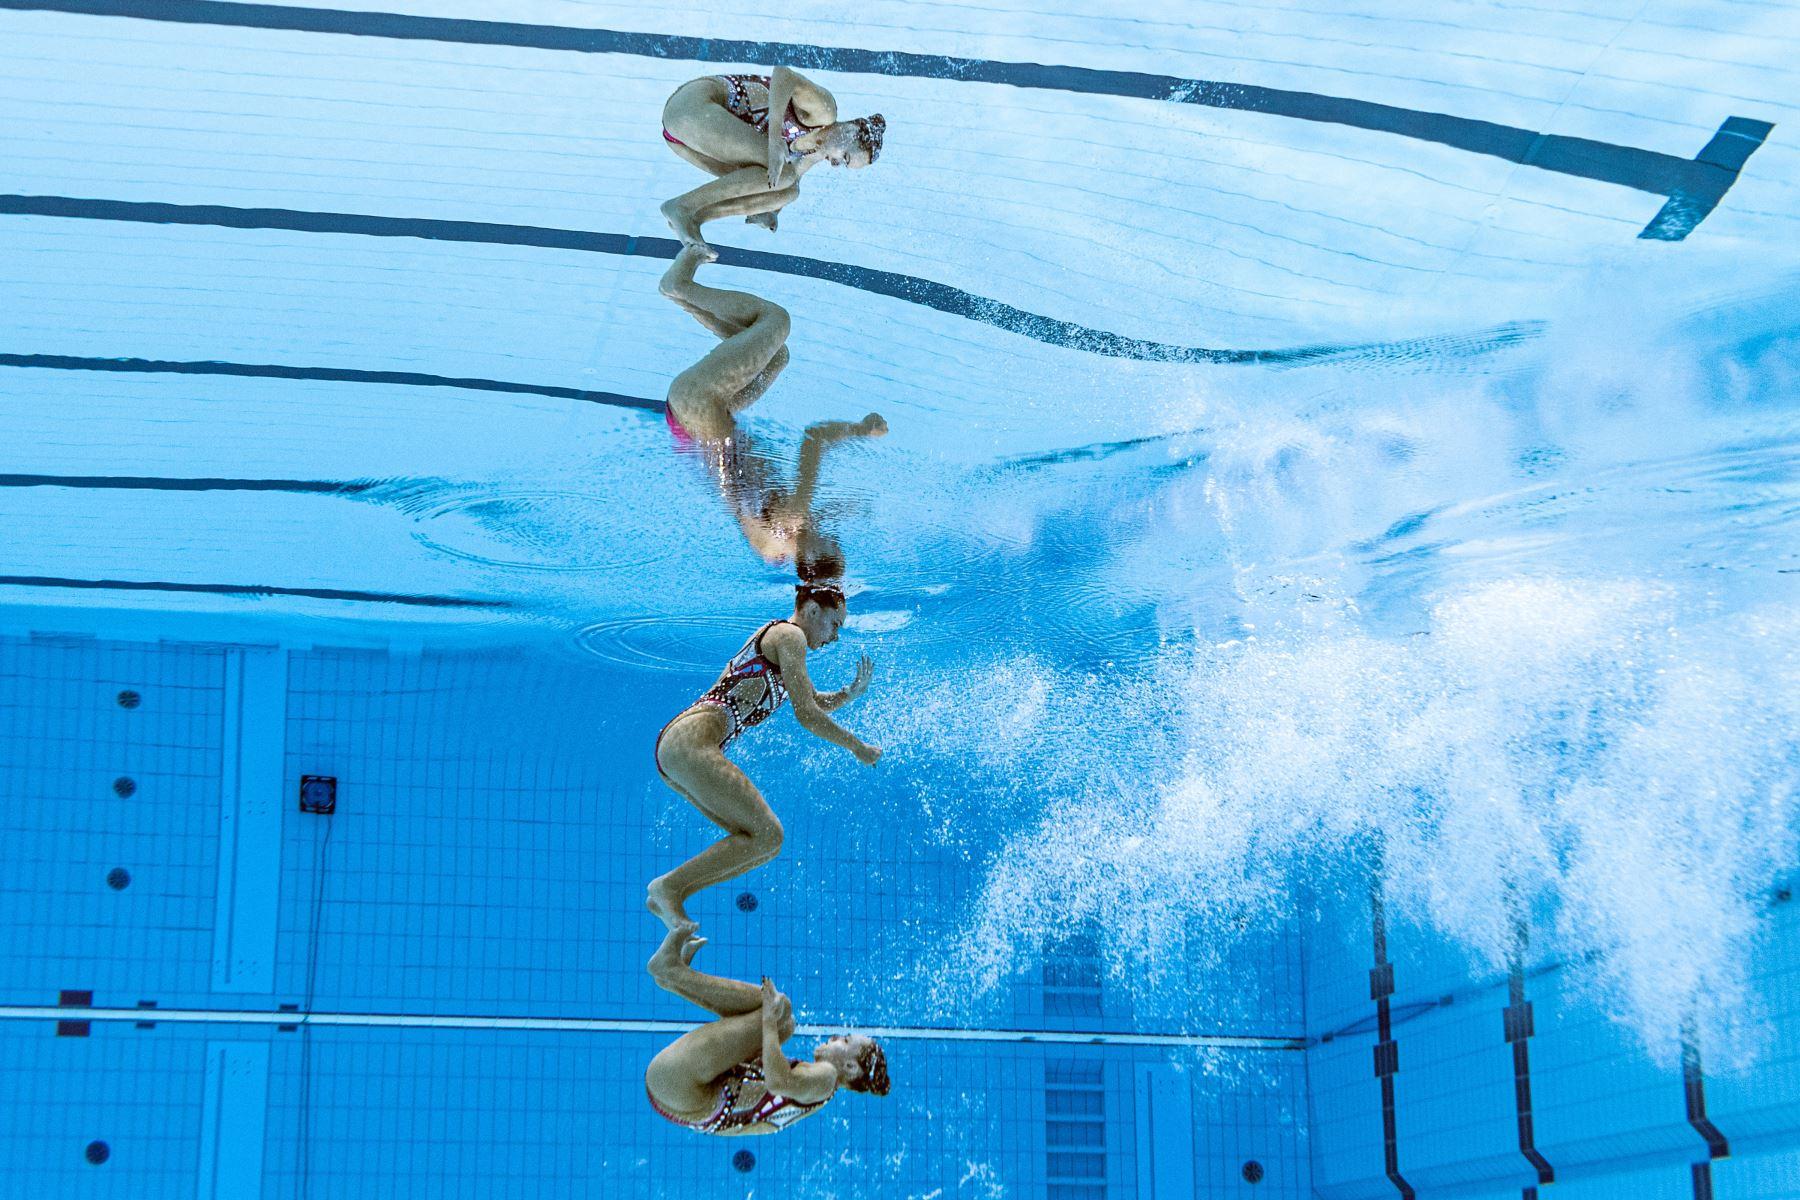 Una vista submarina muestra a Charlotte Tremble de Francia y Laura Tremble de Francia mientras compiten en el evento de natación artística de rutina técnica a dúo de mujeres durante los Juegos Olímpicos de Tokio 2020.  Foto: AFP